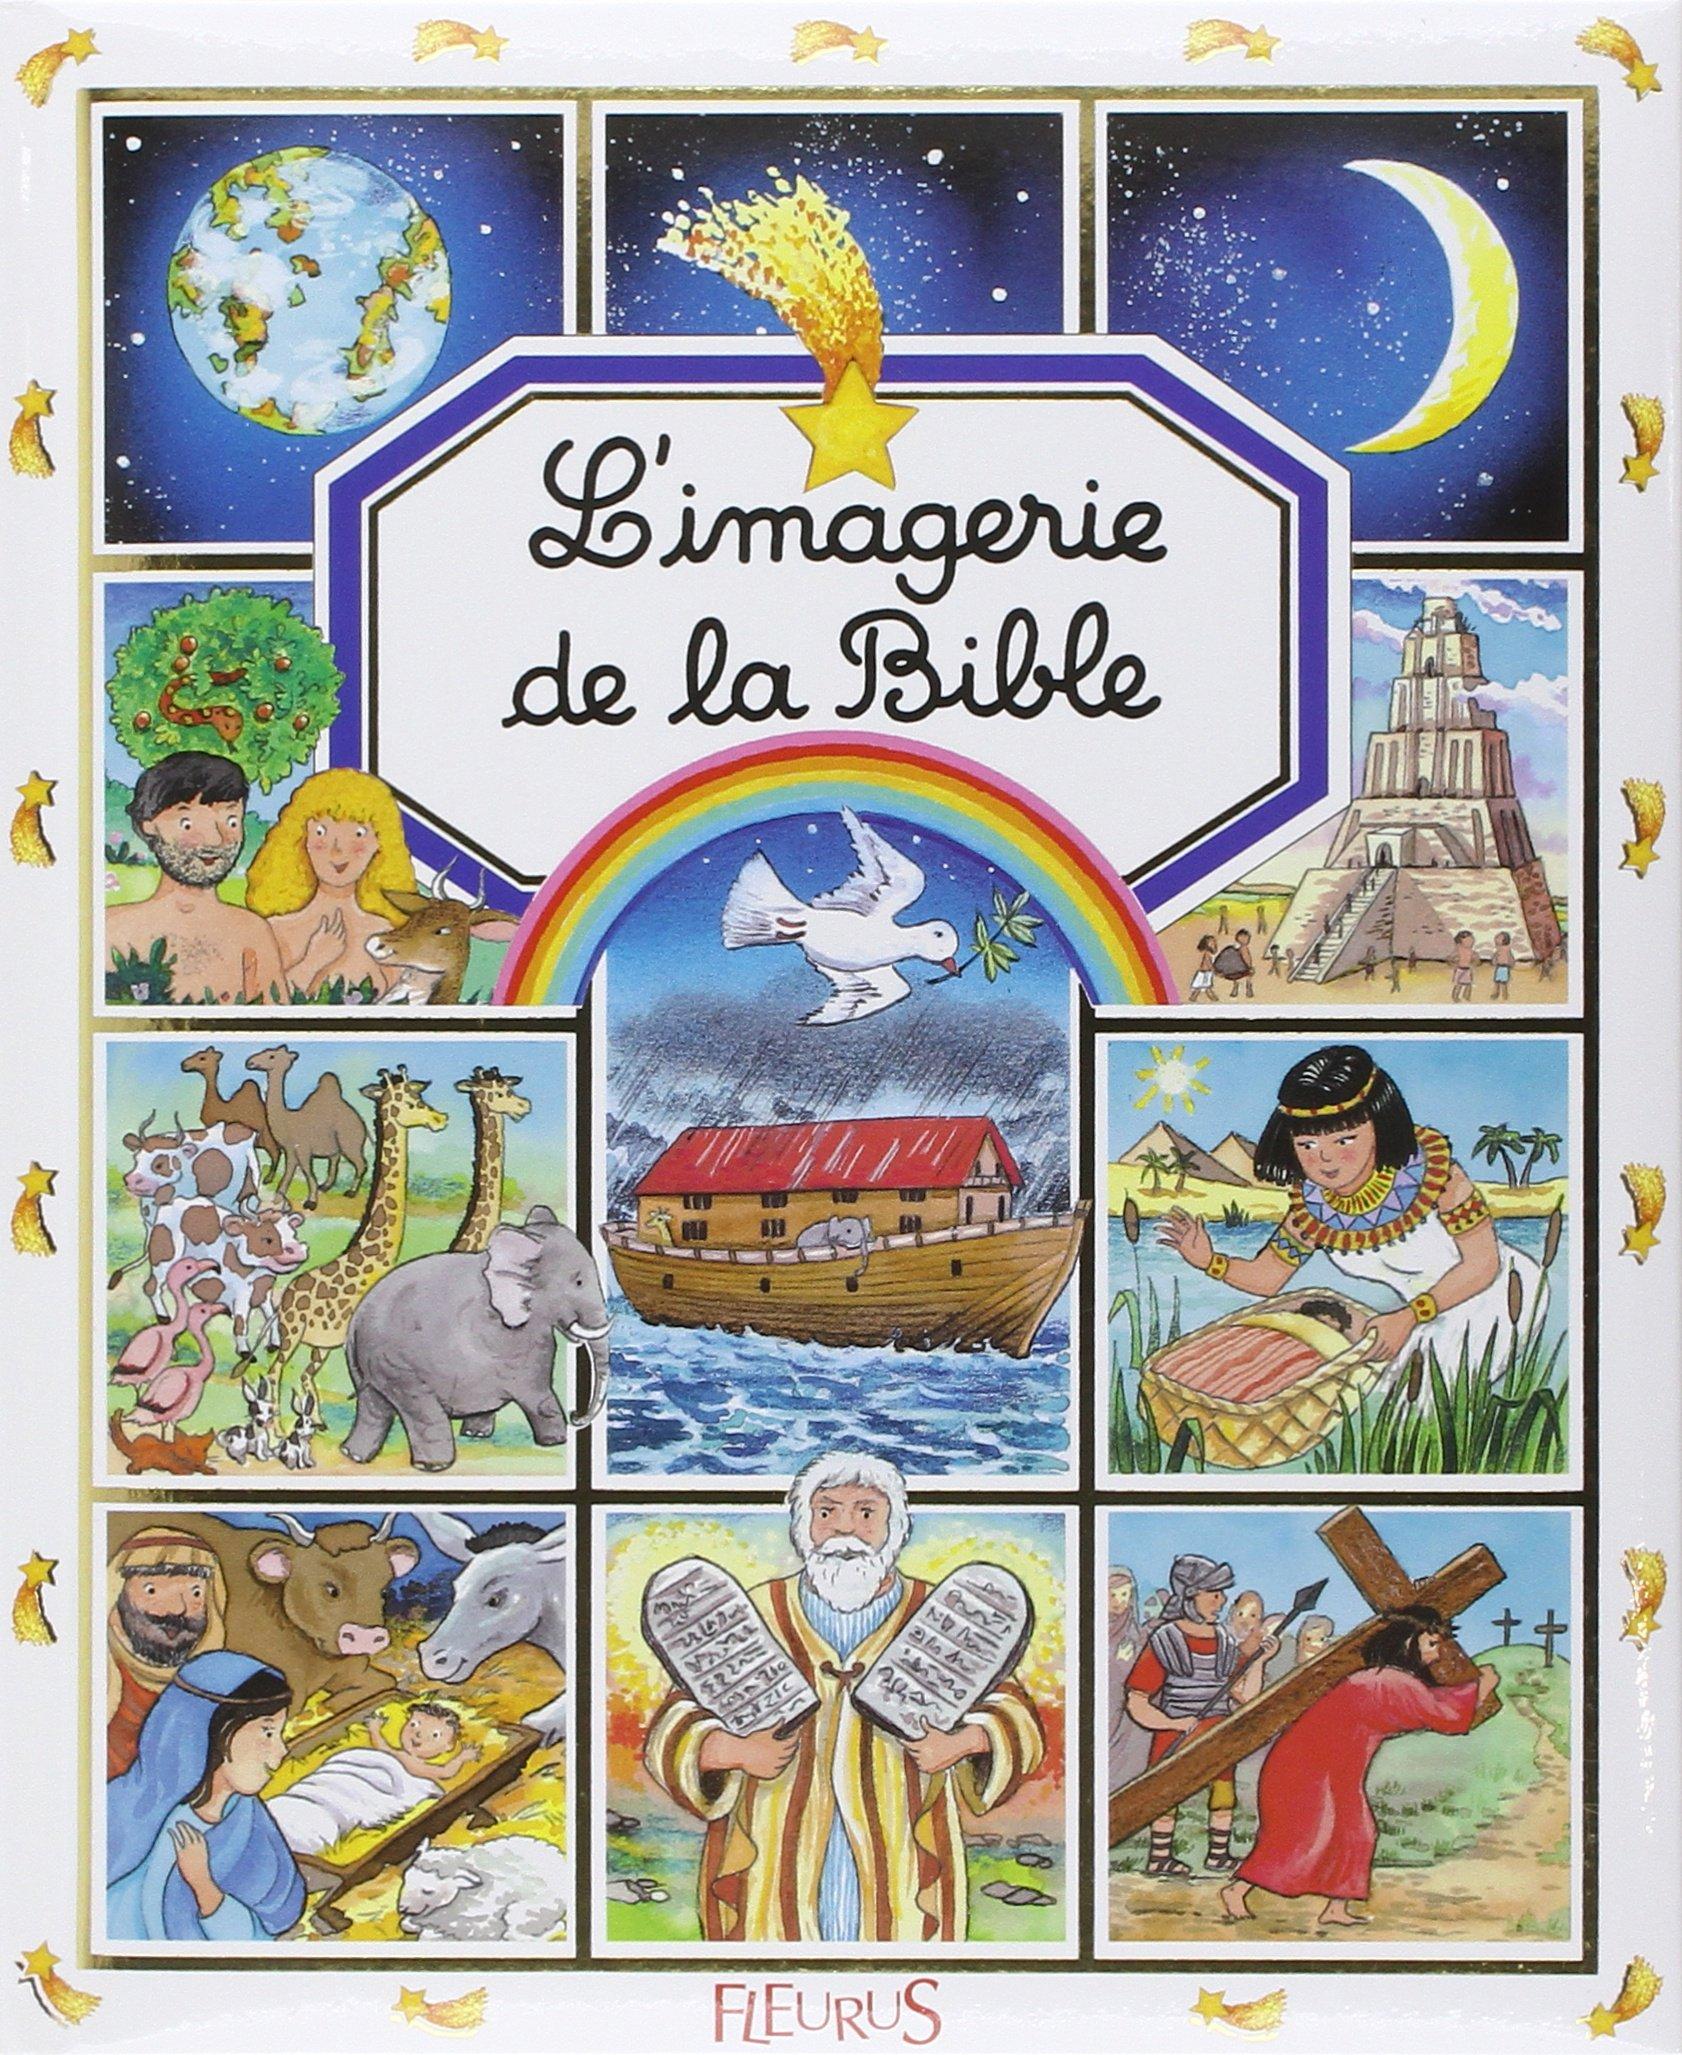 L Imagerie De La Bible Amazon Ca Emilie Beaumont Books